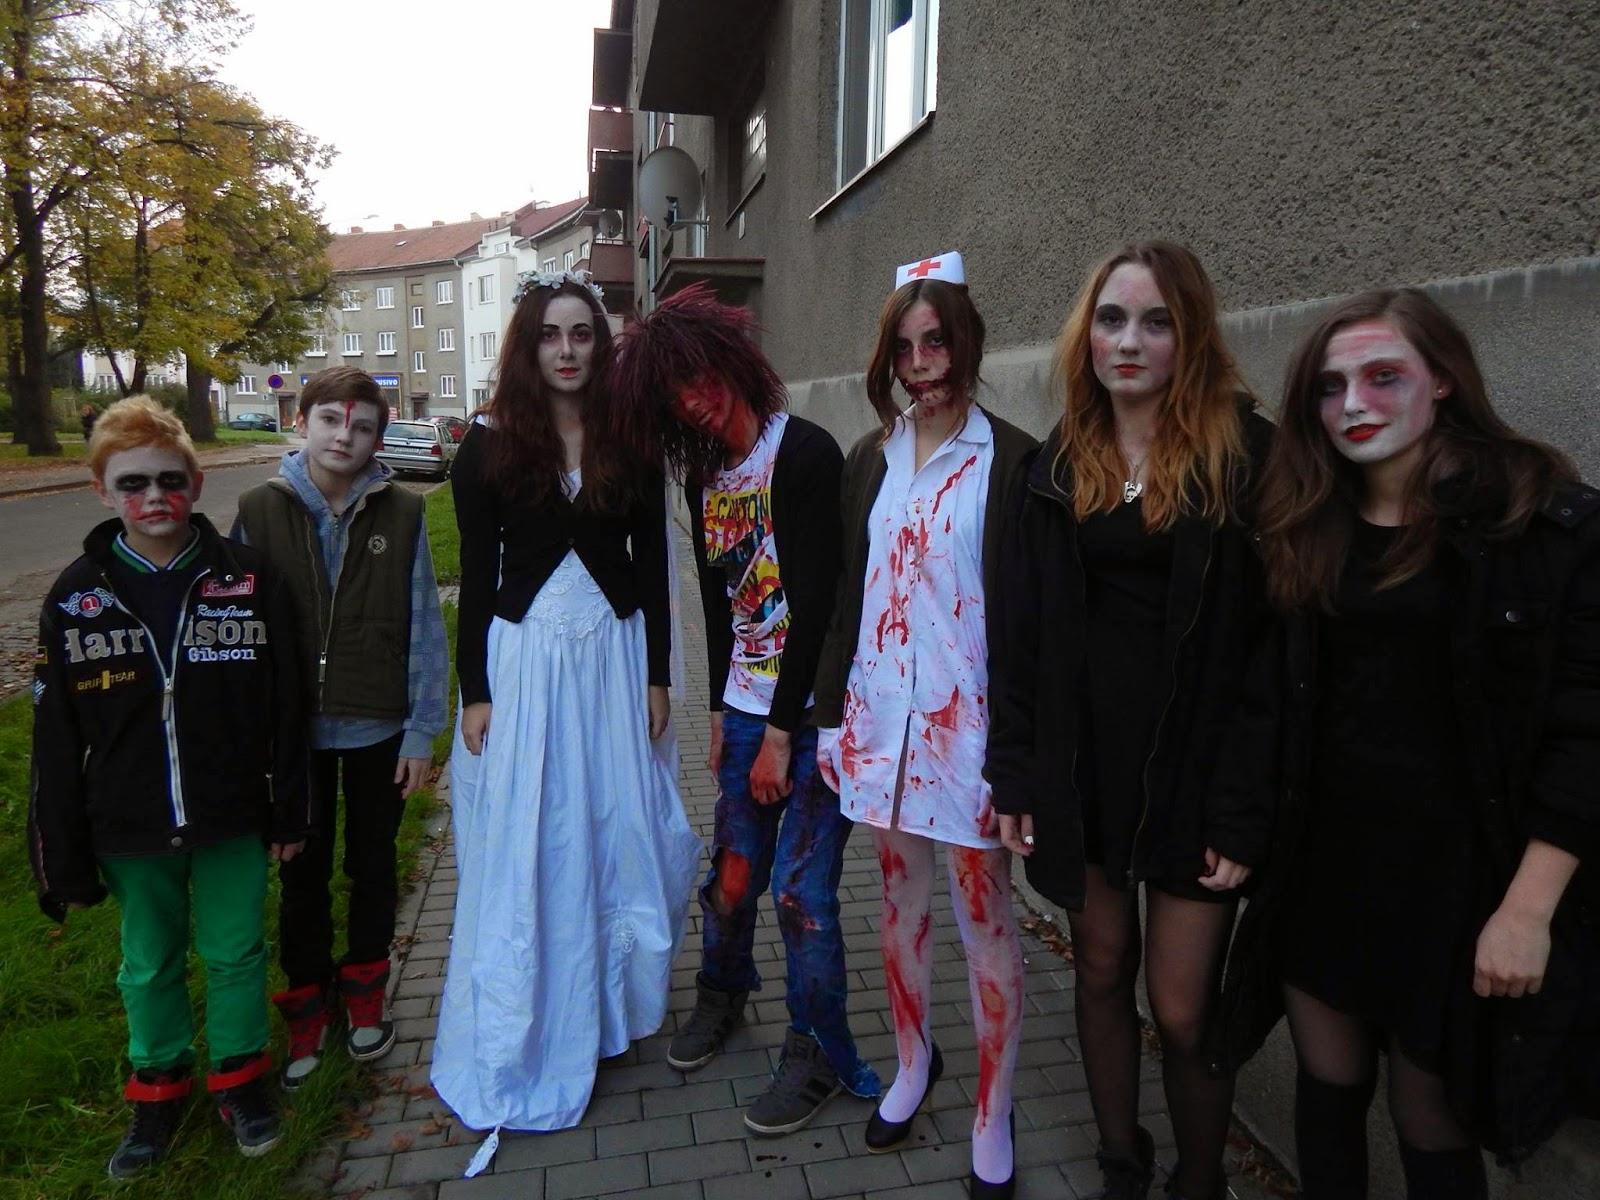 Zombie walk halloween